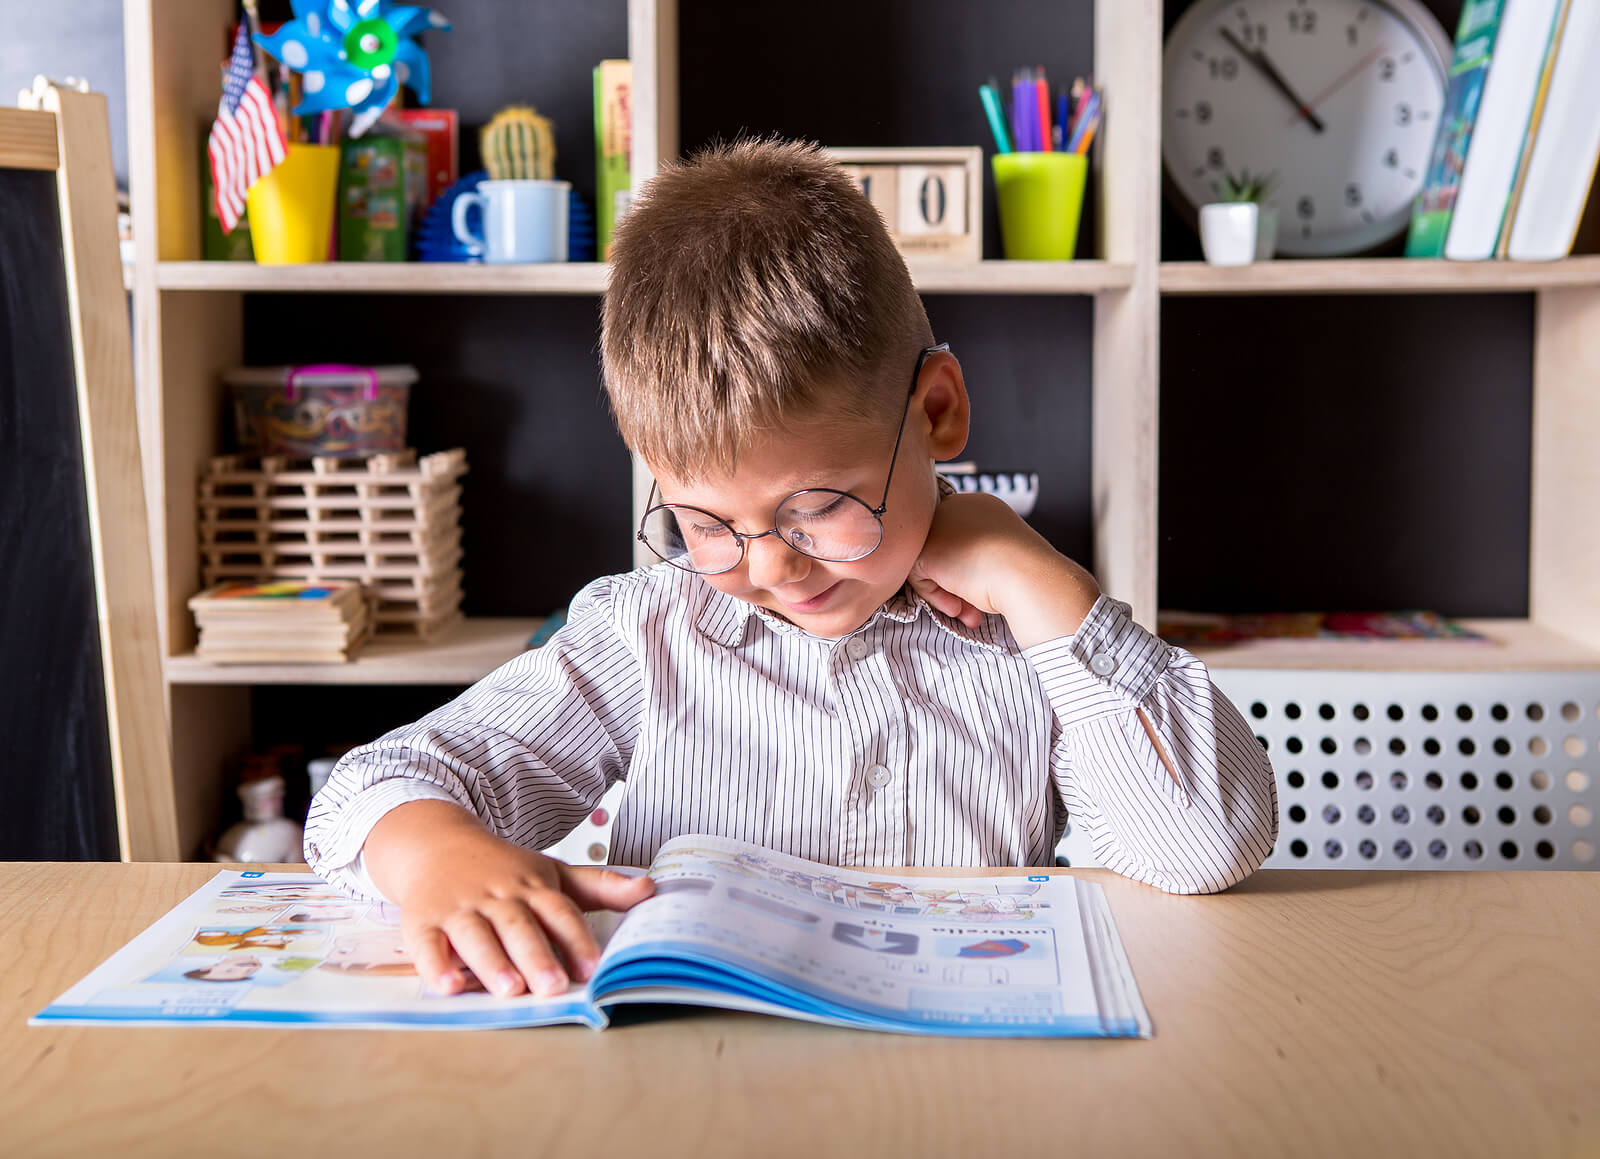 Niño haciendo los deberes en su zona de estudio en casa.